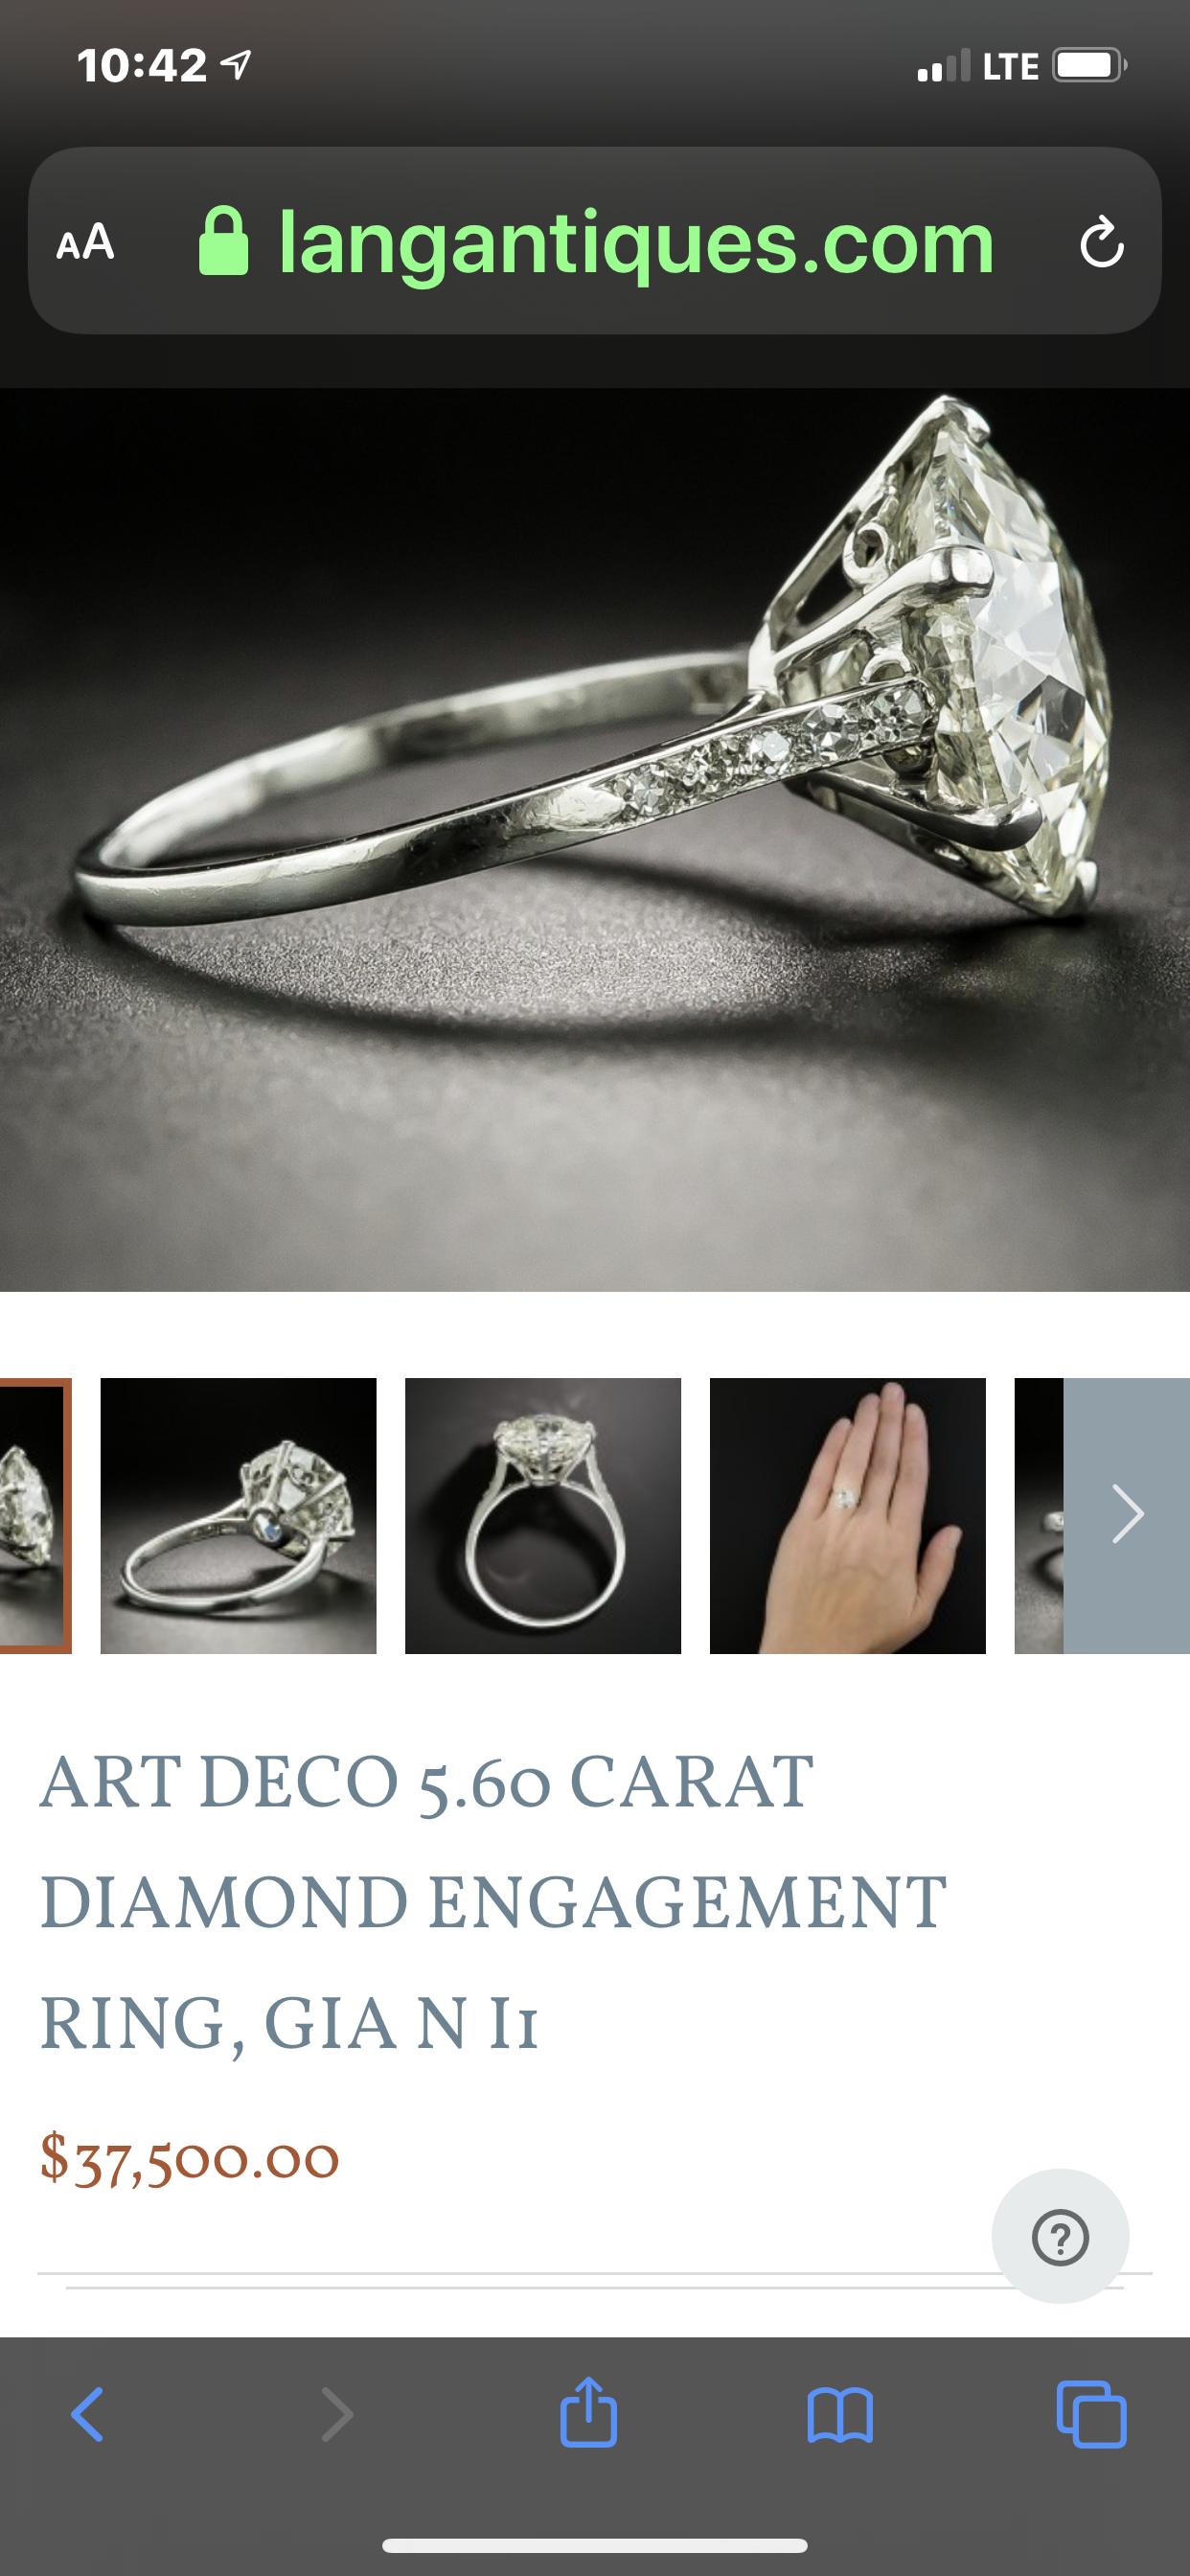 Pin by Ellen Arden on Jewelry in 2020 Jewelry, Wedding